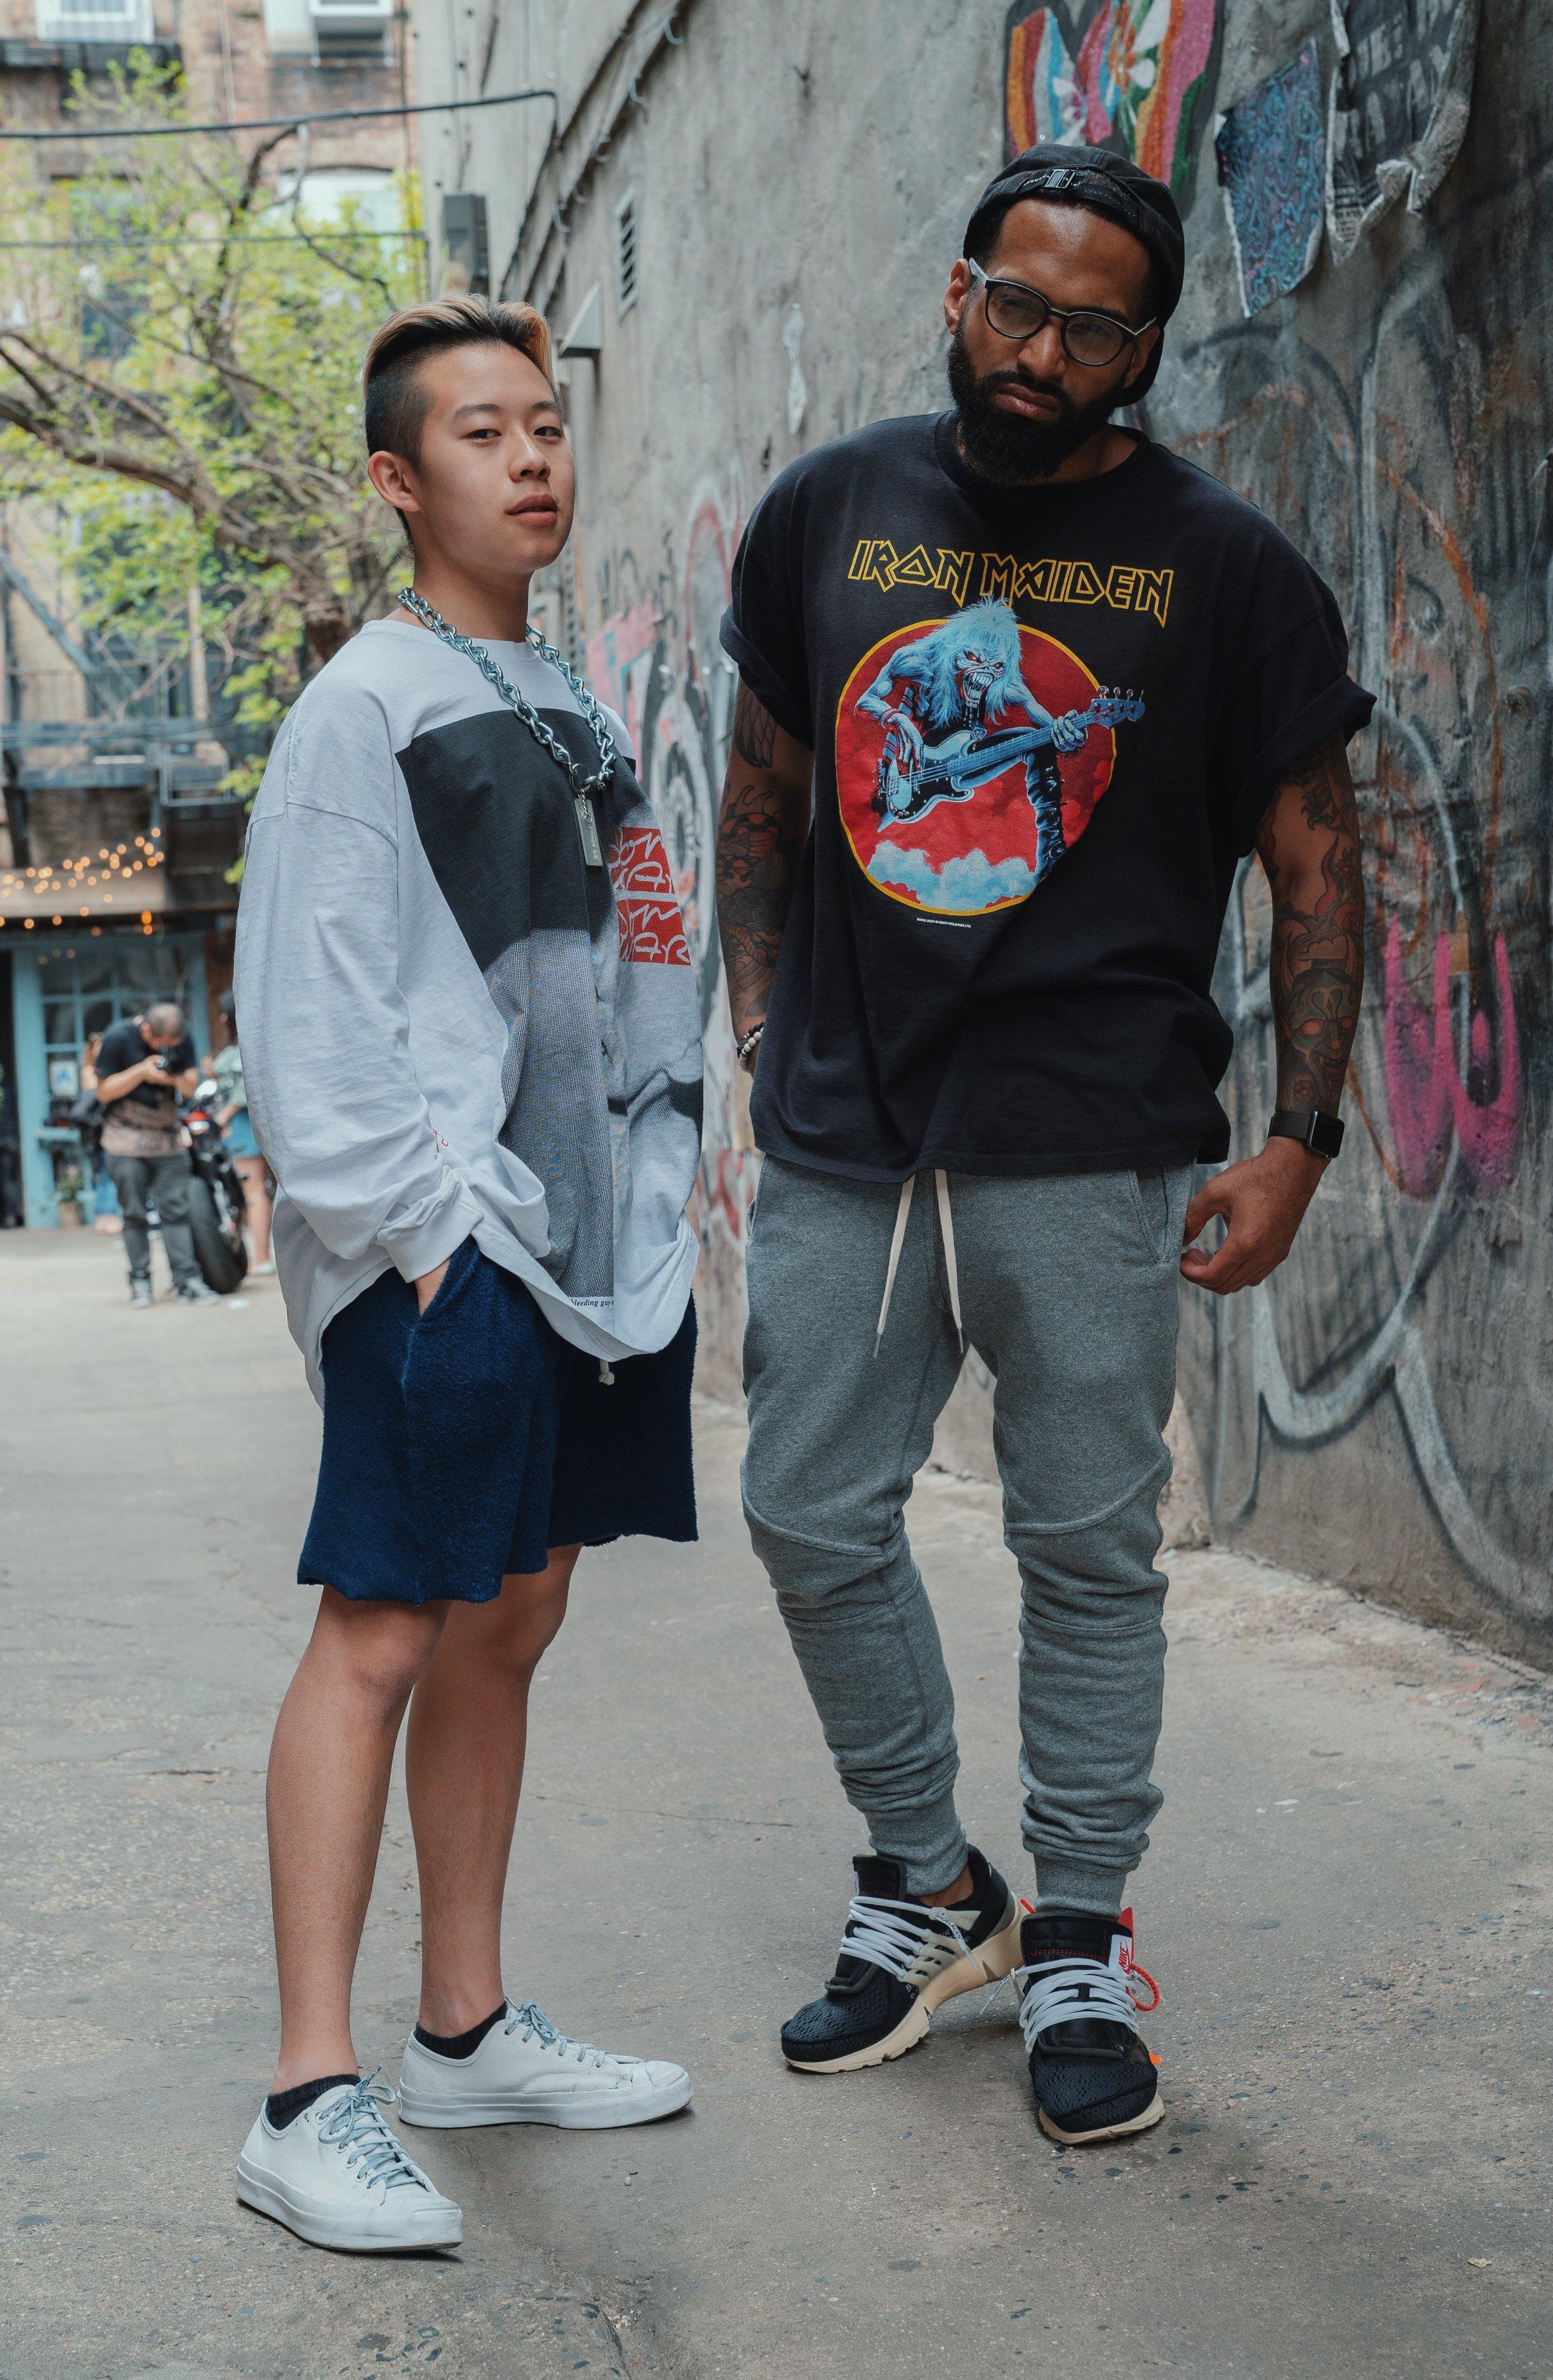 Kuo & Calvin @notafatherfigure @c3p0_